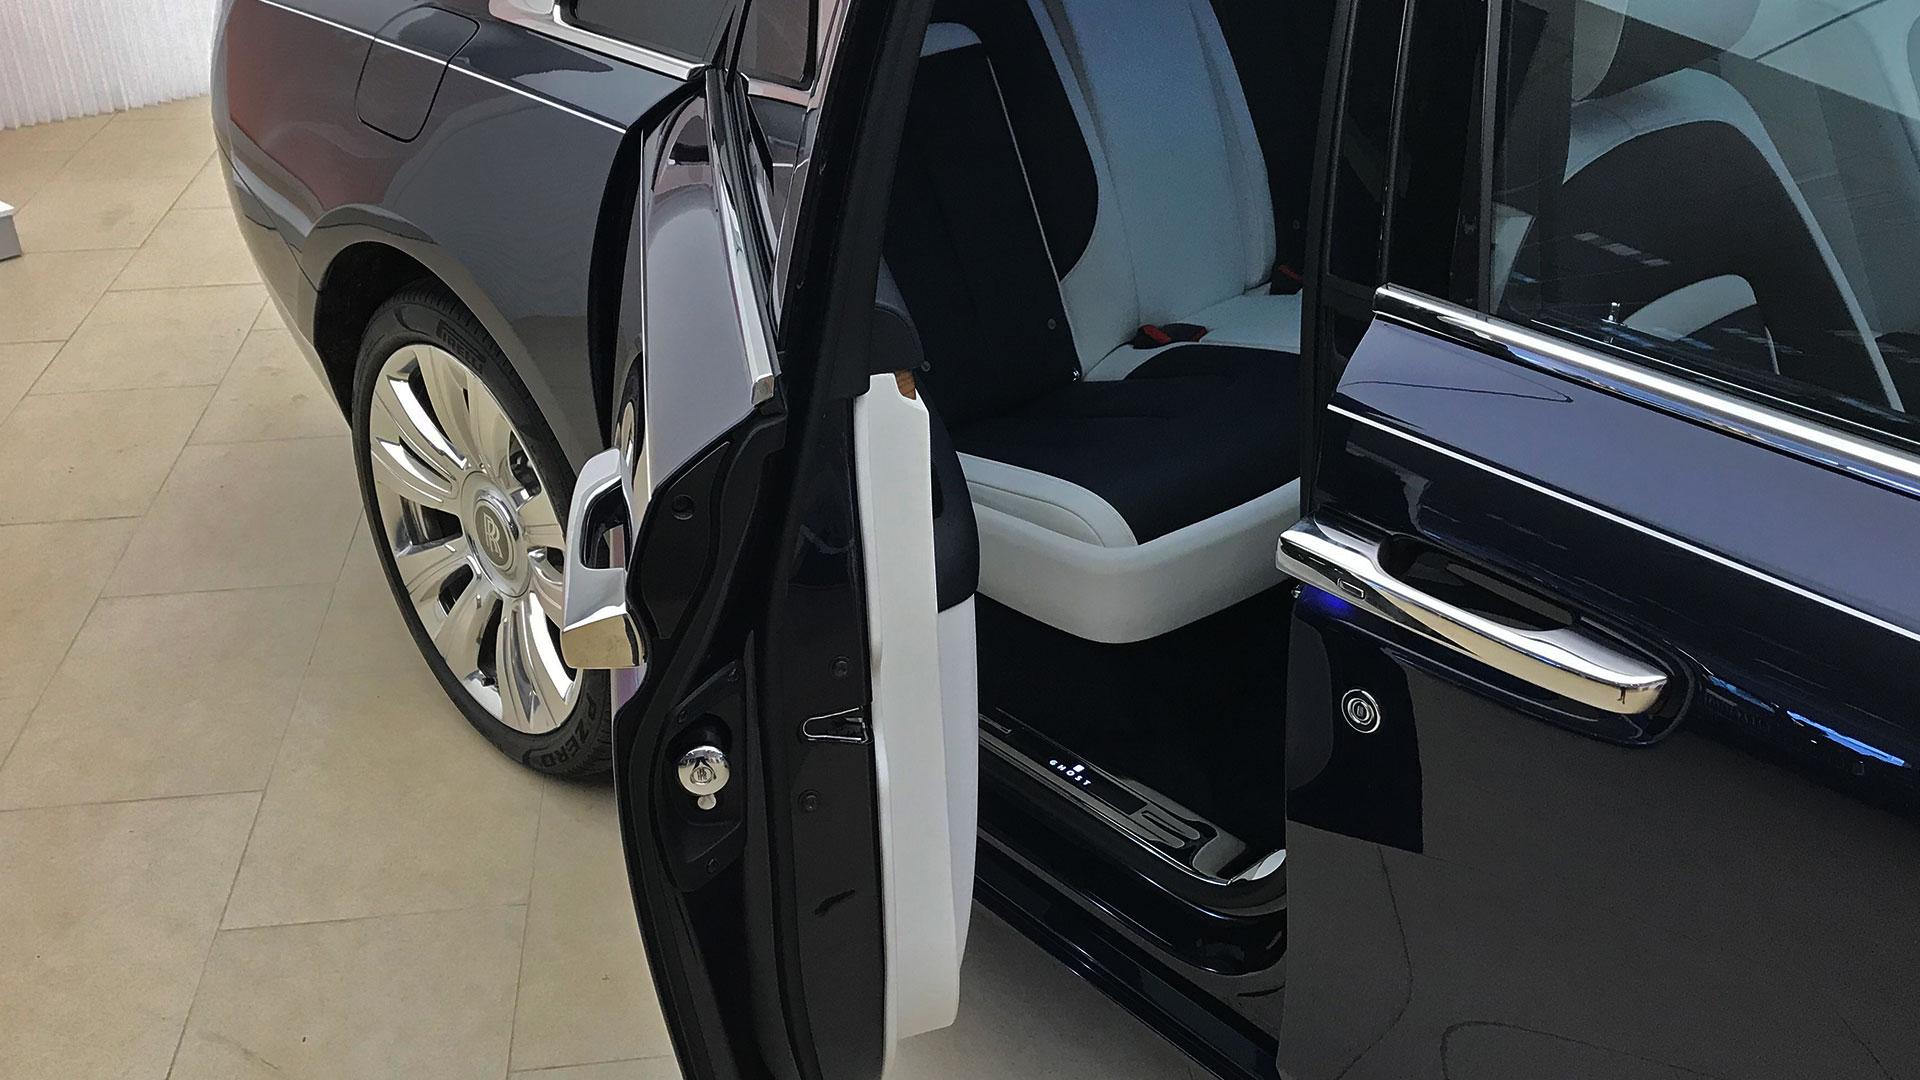 Deuren Rolls-Royce Ghost 2020 interieur